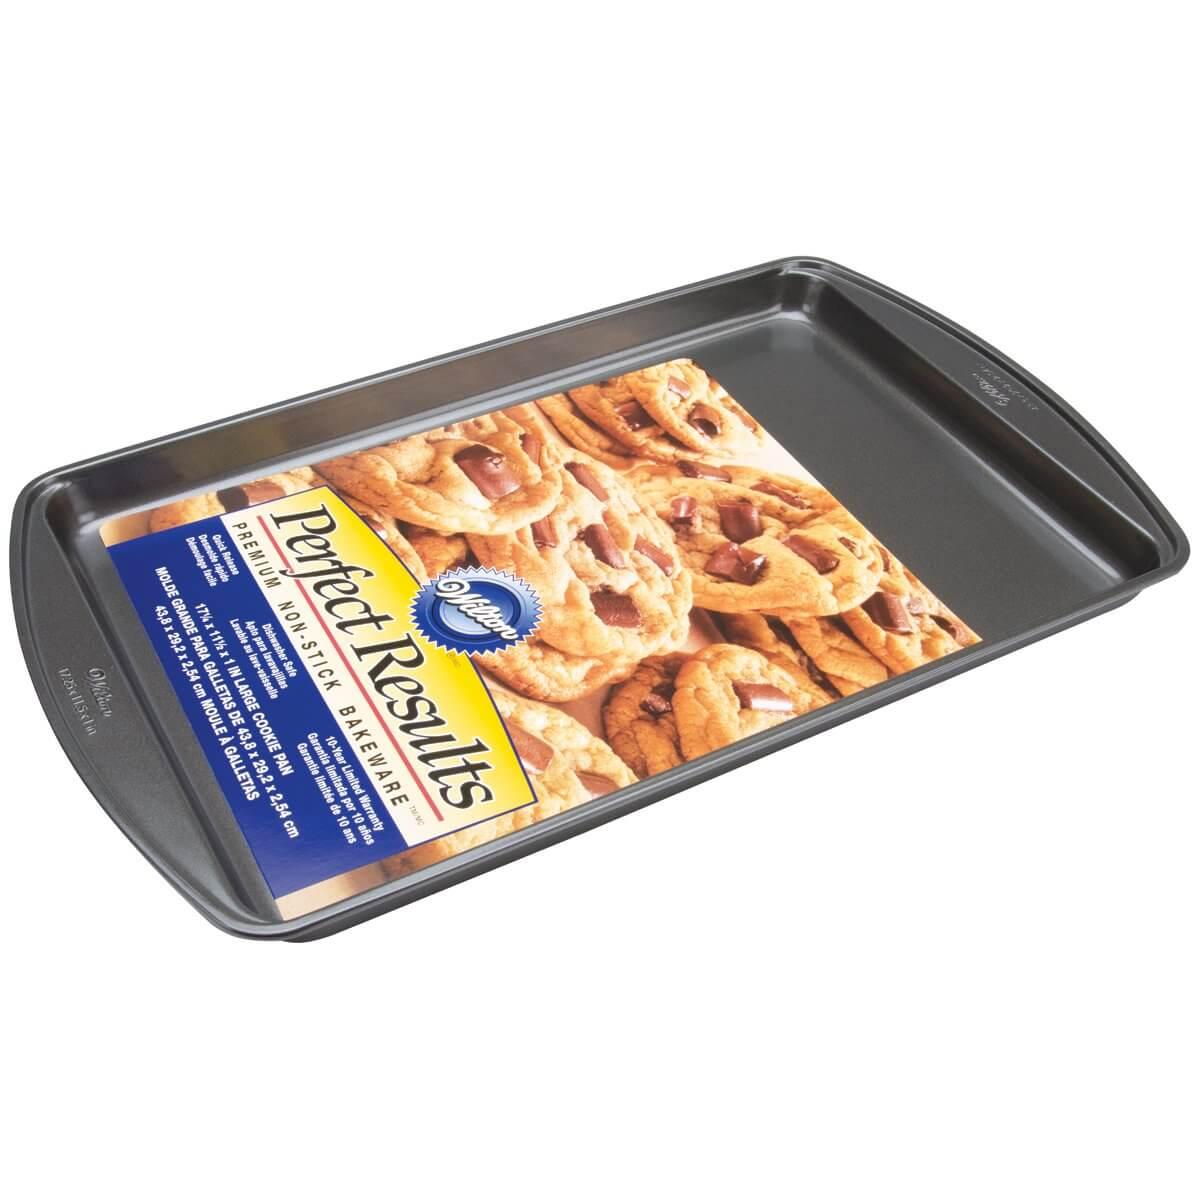 Wilton Premium Non-Stick Bakeware